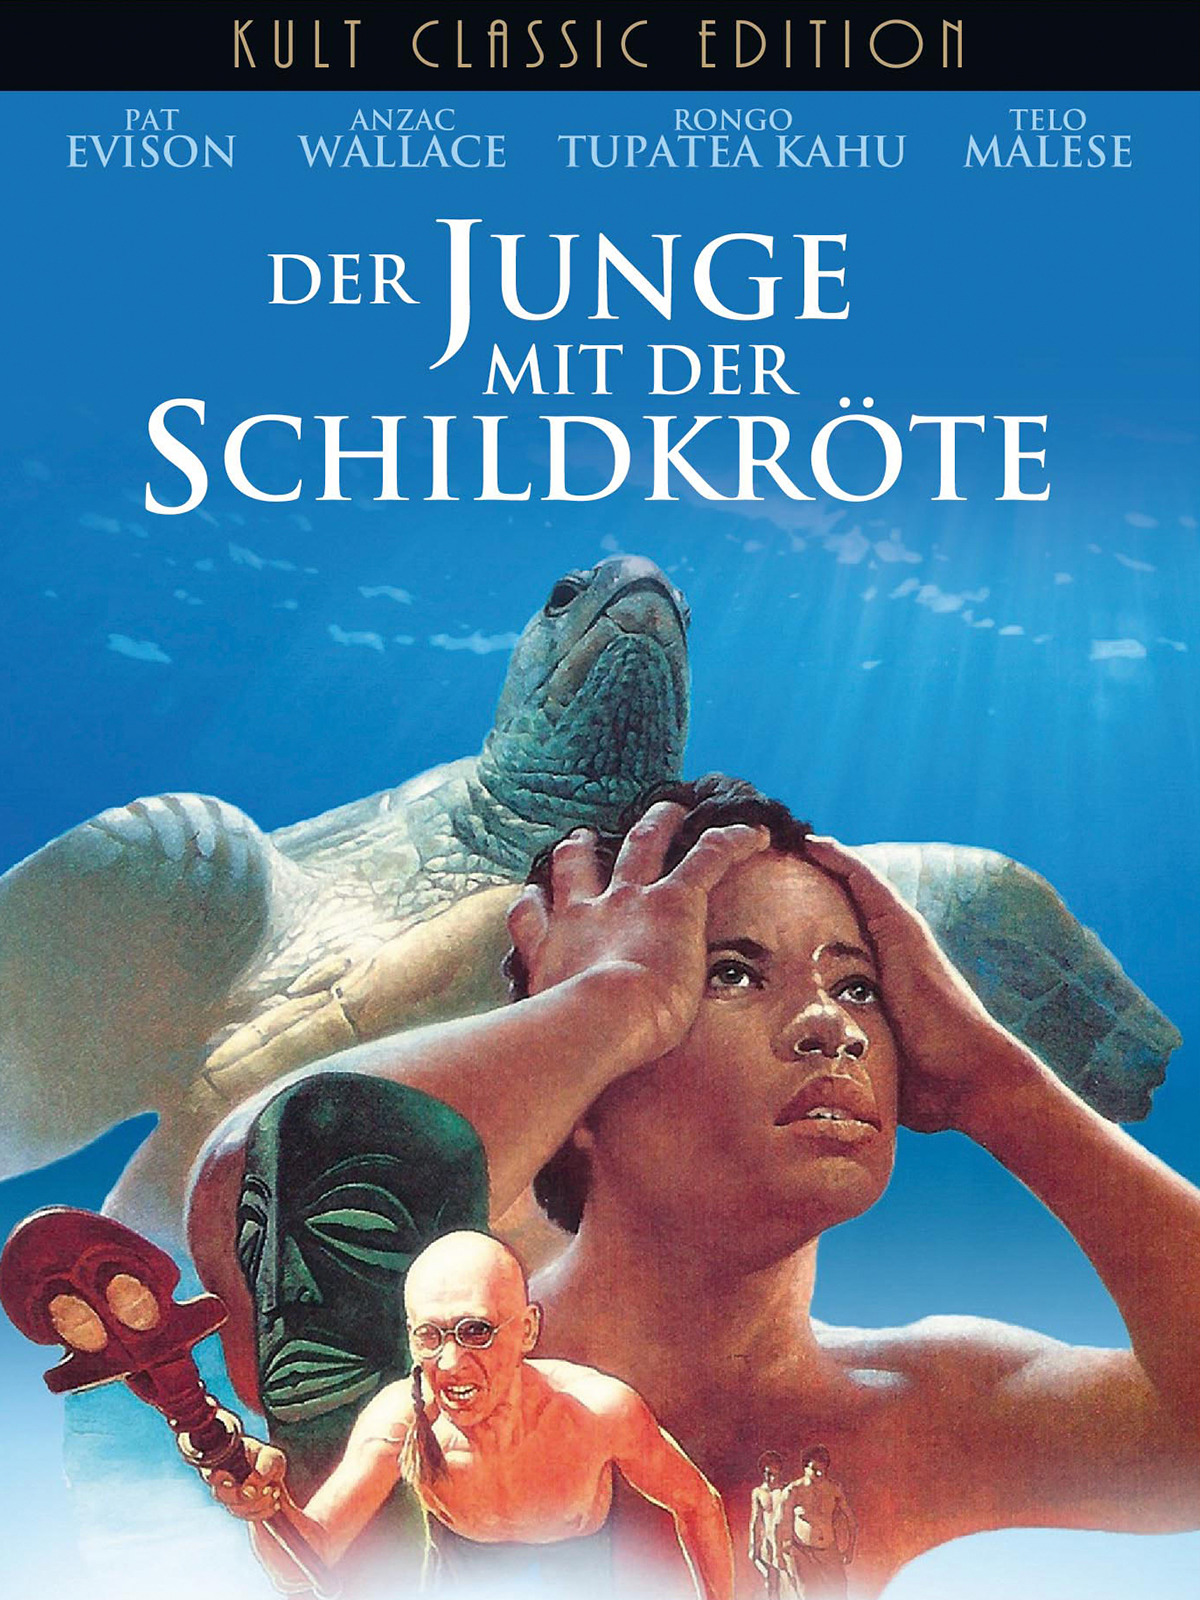 Der Junge mit der Schildkröte